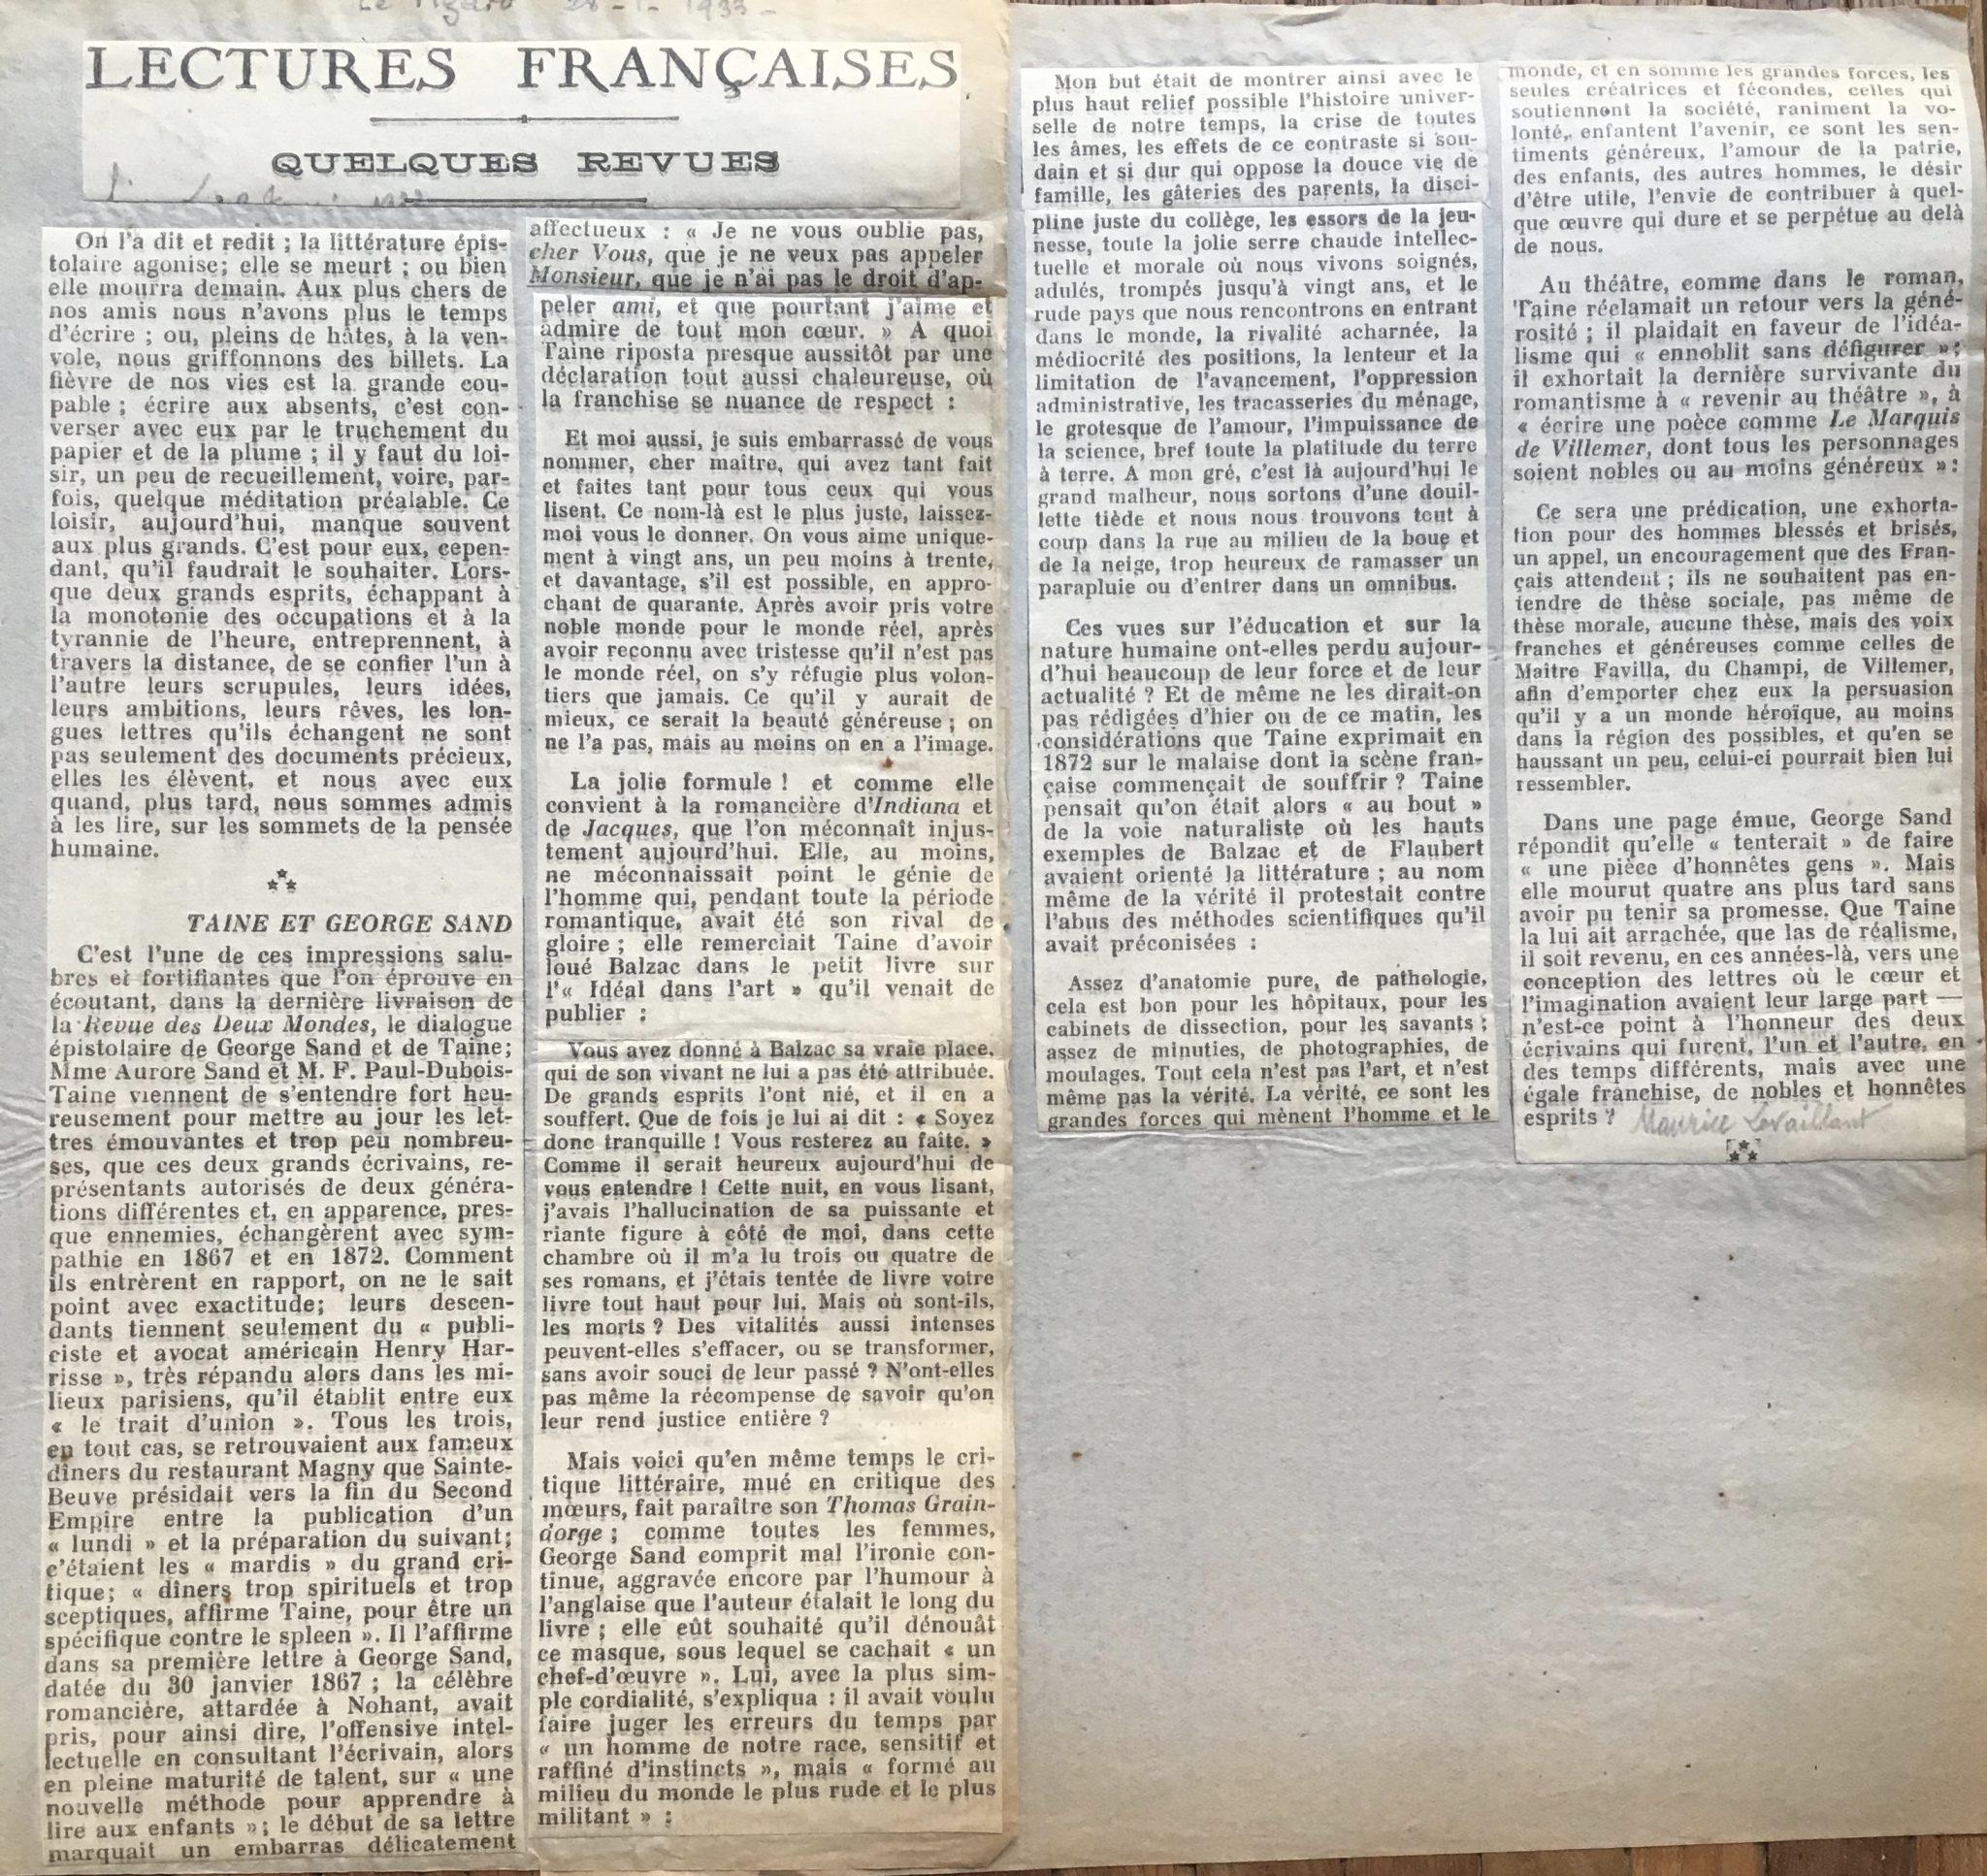 Le Figaro 1933